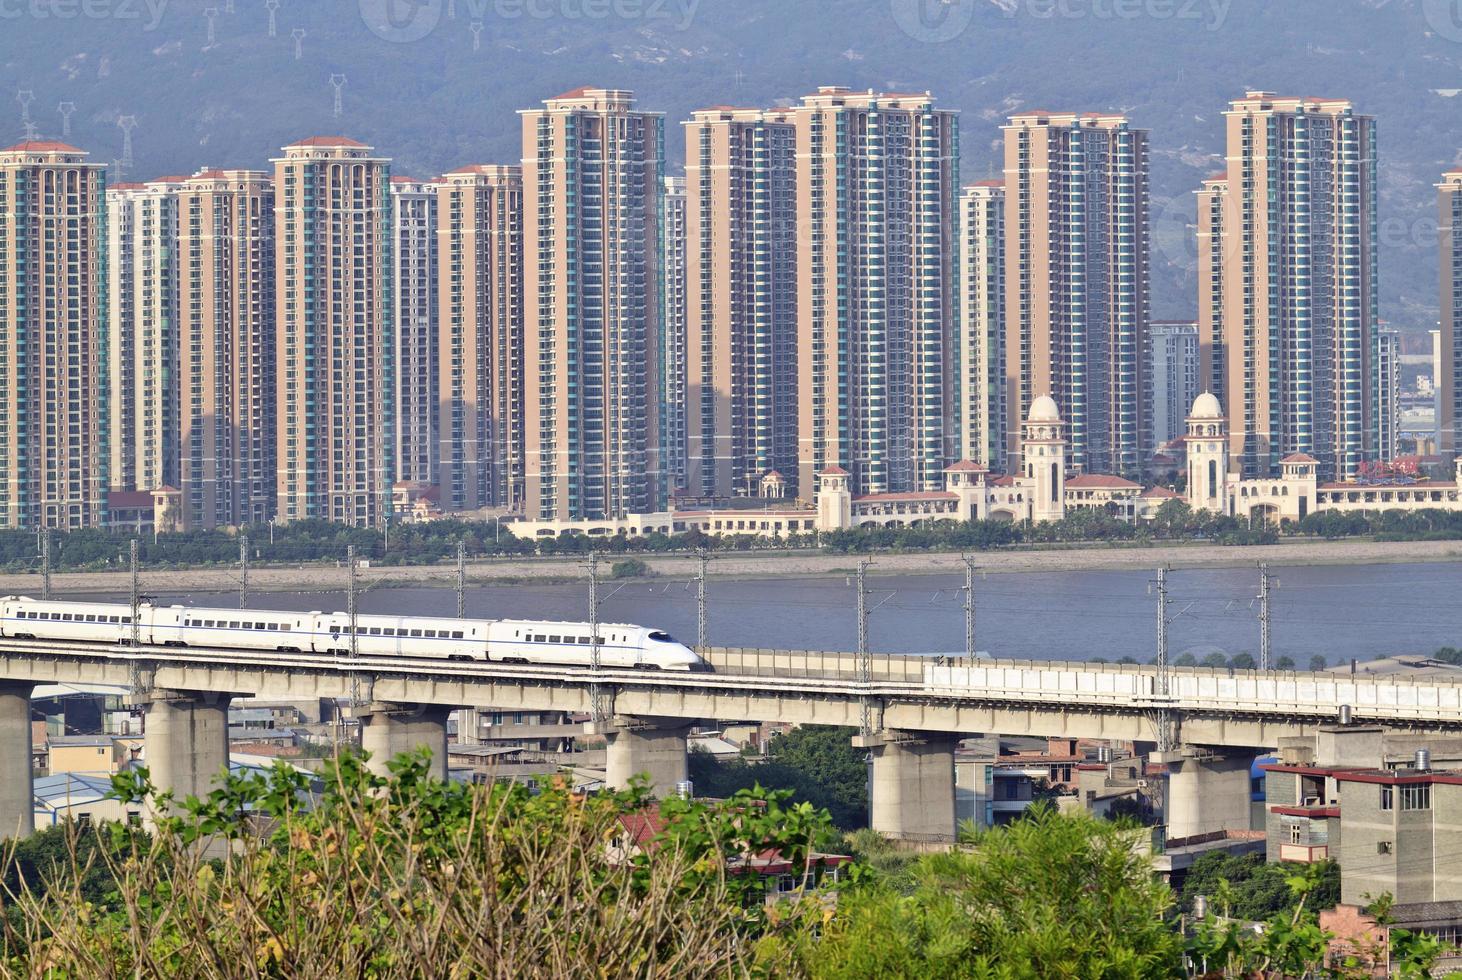 Supertrain auf Betonbrücke an der Südostküste Chinas foto